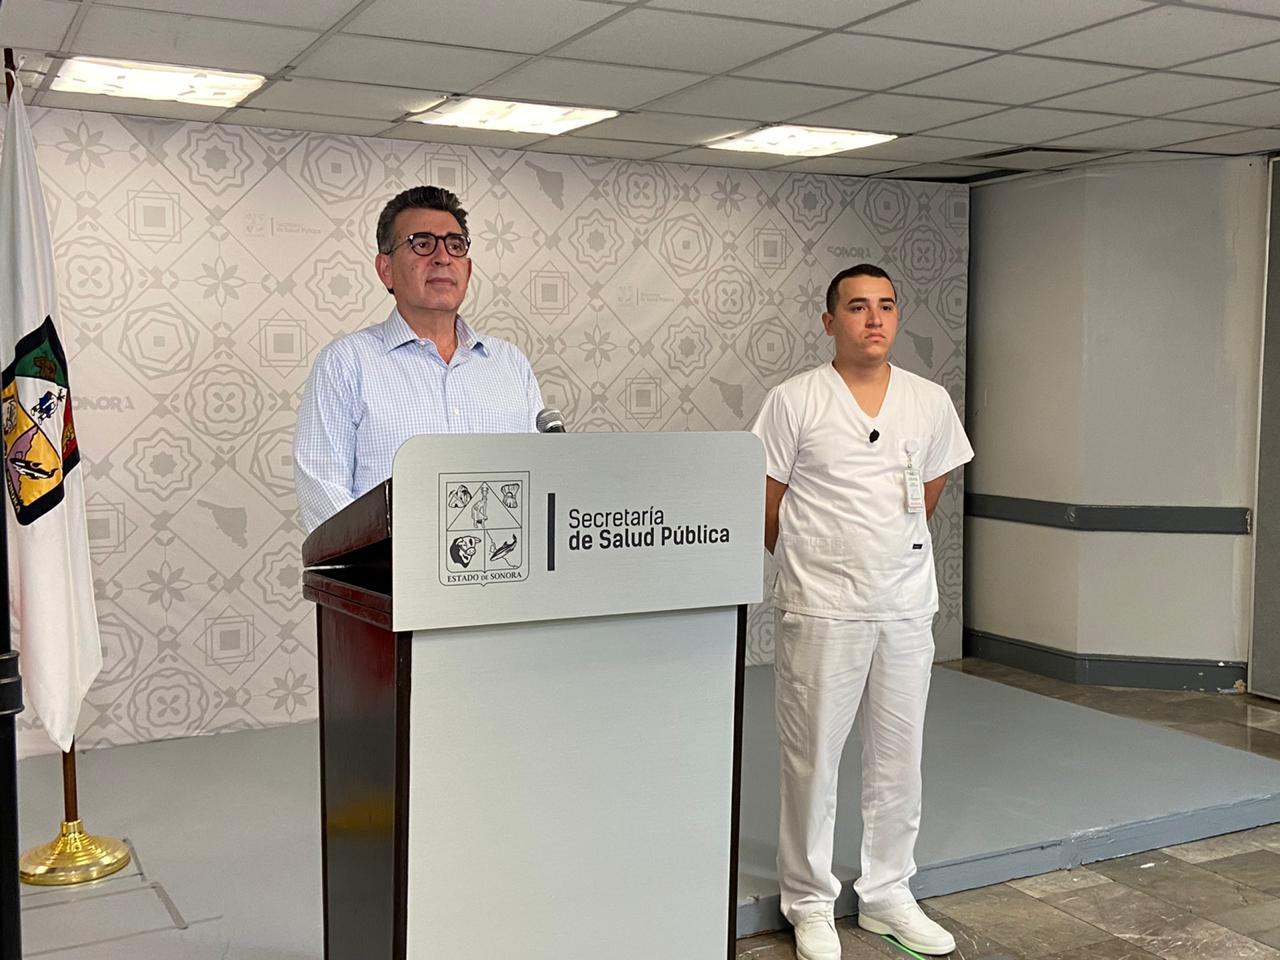 Enrique Clausen Iberri, secretario de Salud en Sonora, dice que comenzaron a hacer llamadas por teléfonos para encontrar a enfermos con Covid-19